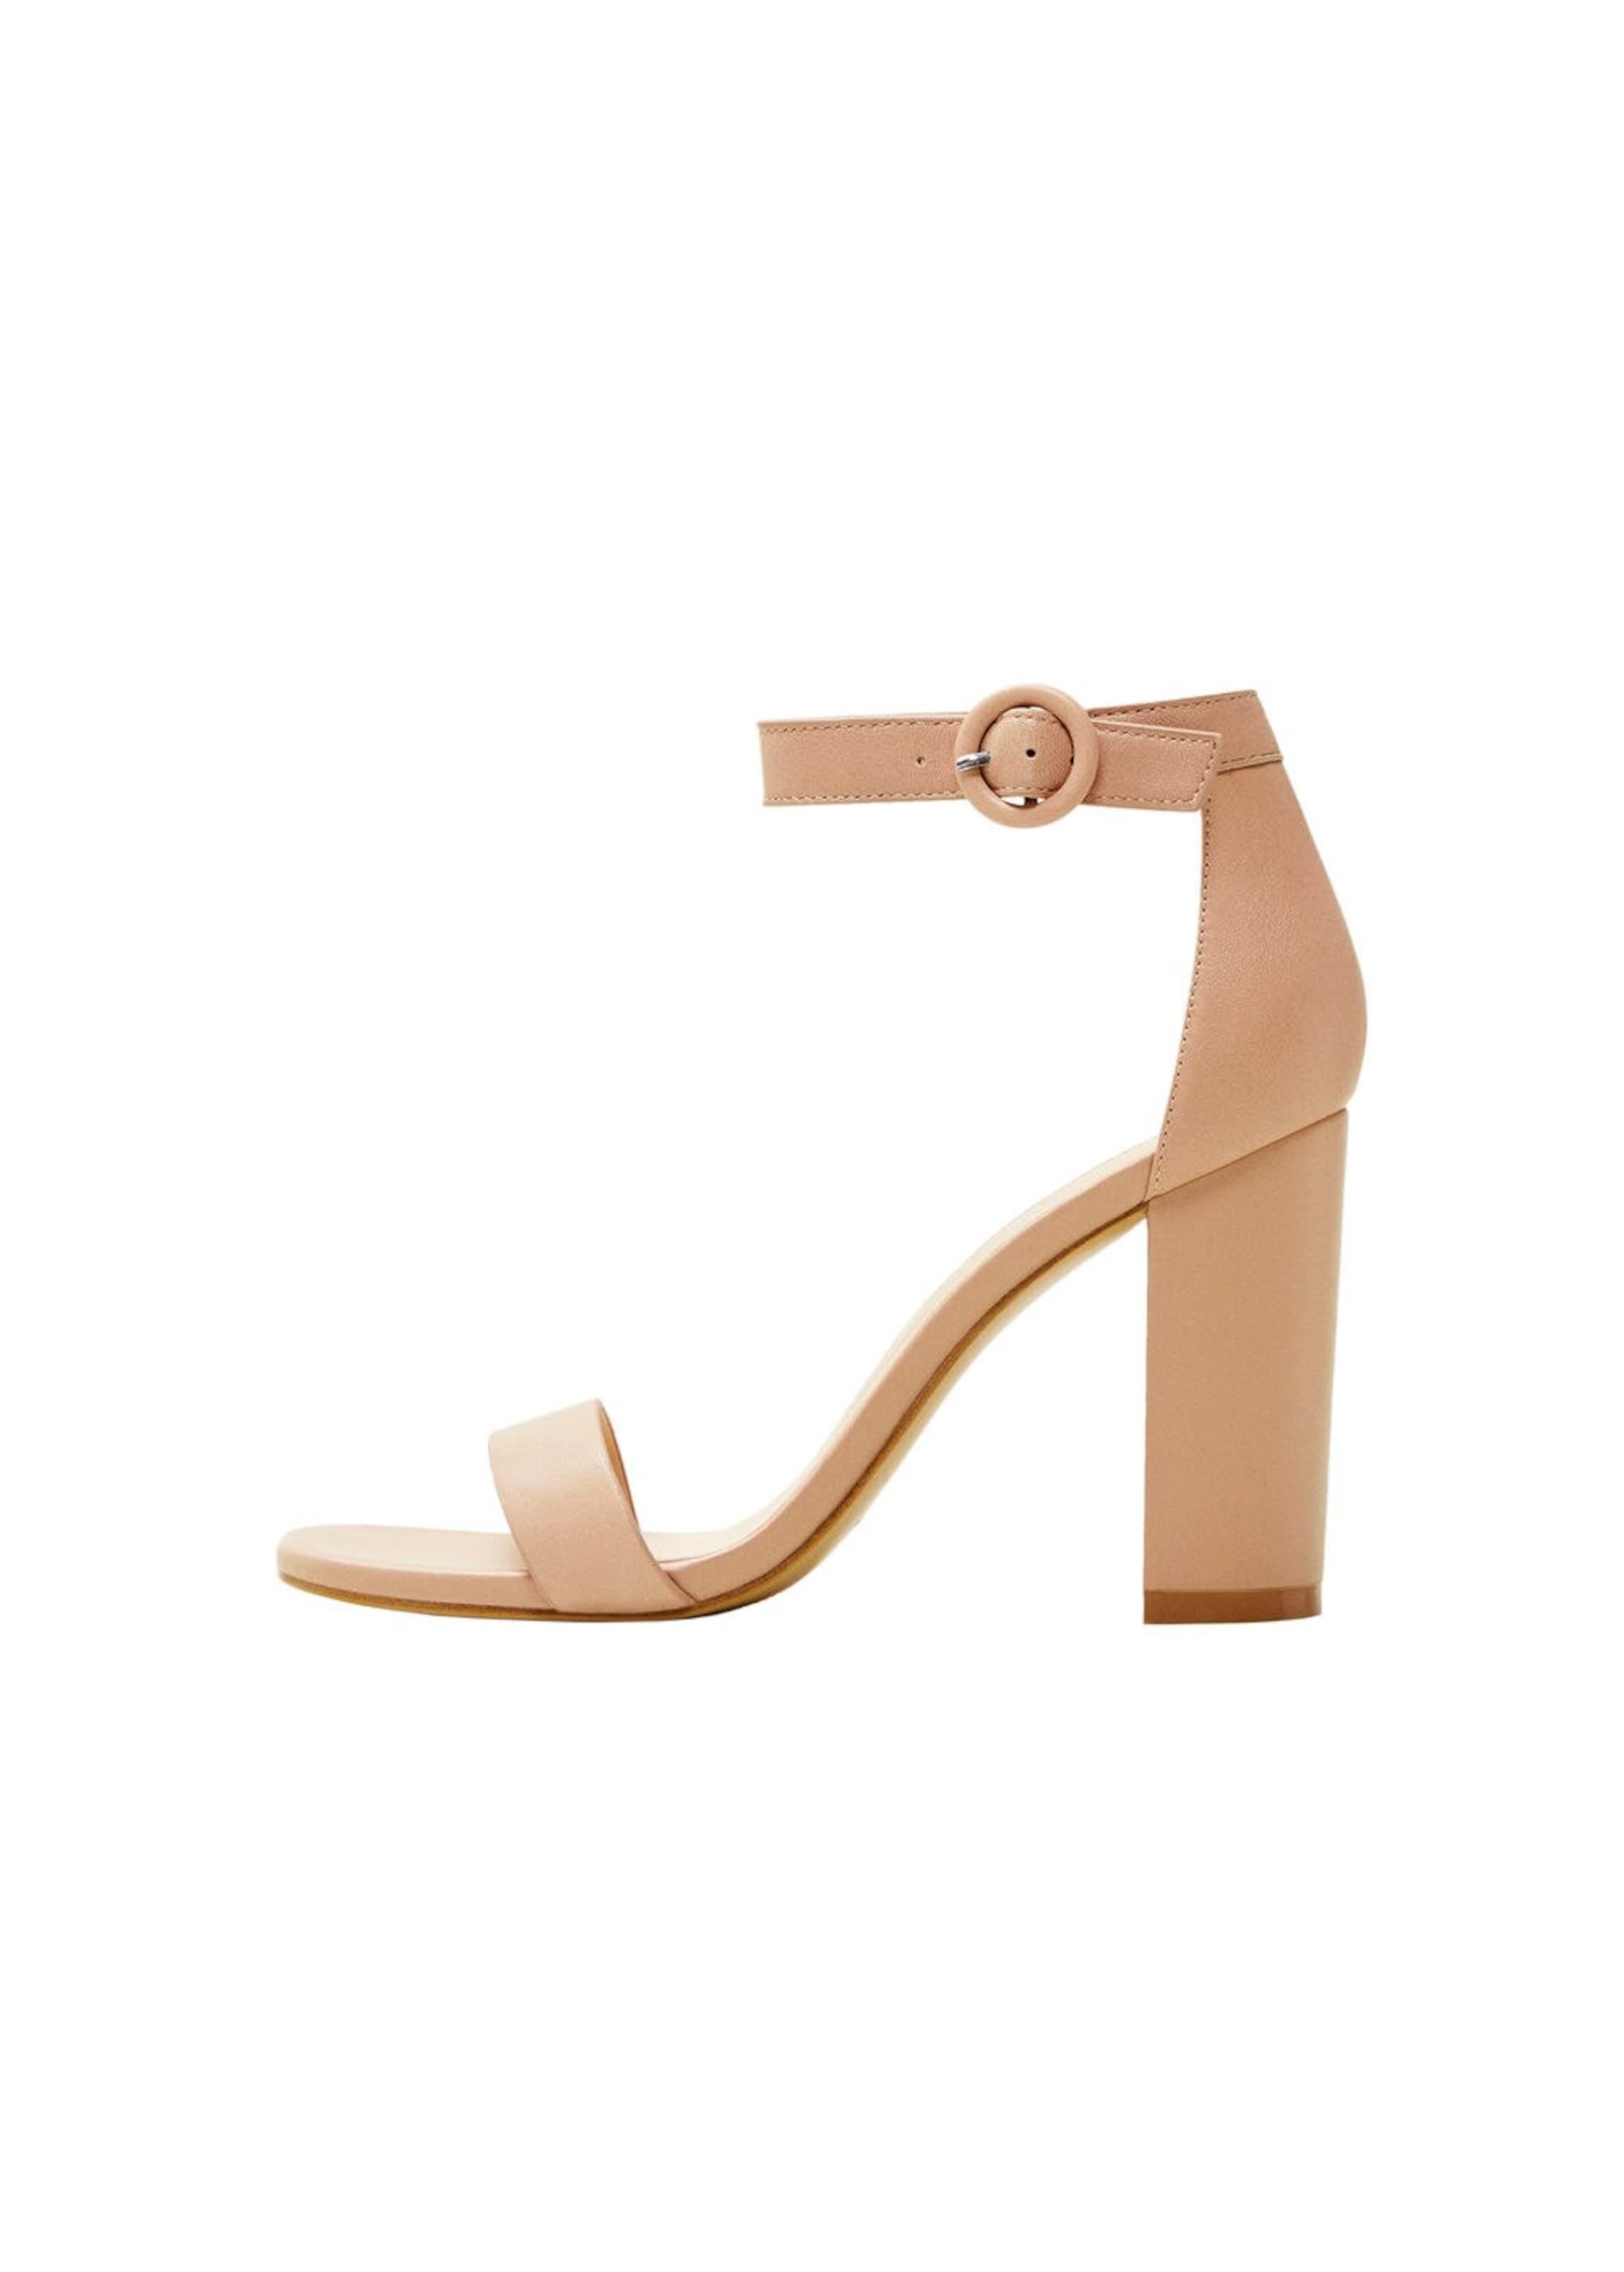 Sandaletten In Mango Sandaletten Mango 'tutti' Nude OZN8wnkX0P